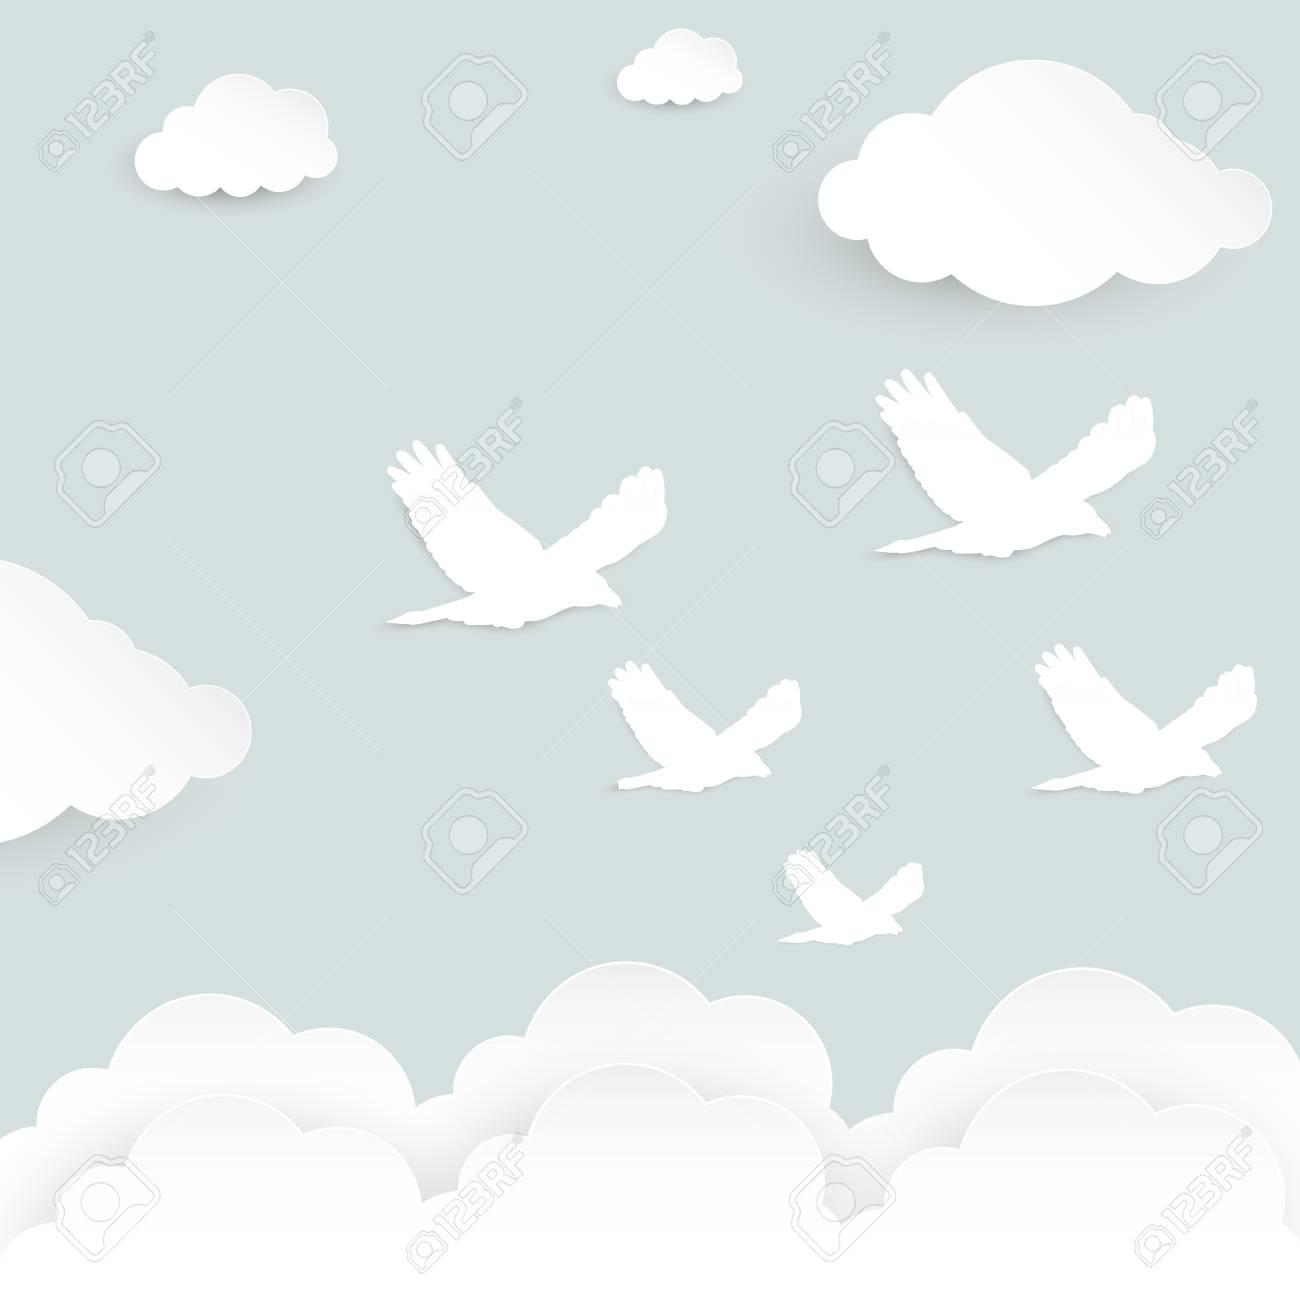 Oiseau Volant Sur Le Ciel Avec Des Nuages. Effet Découpé En Papier. Modèle  Pour Carte De Voeux. pour Modèle Oiseau À Découper